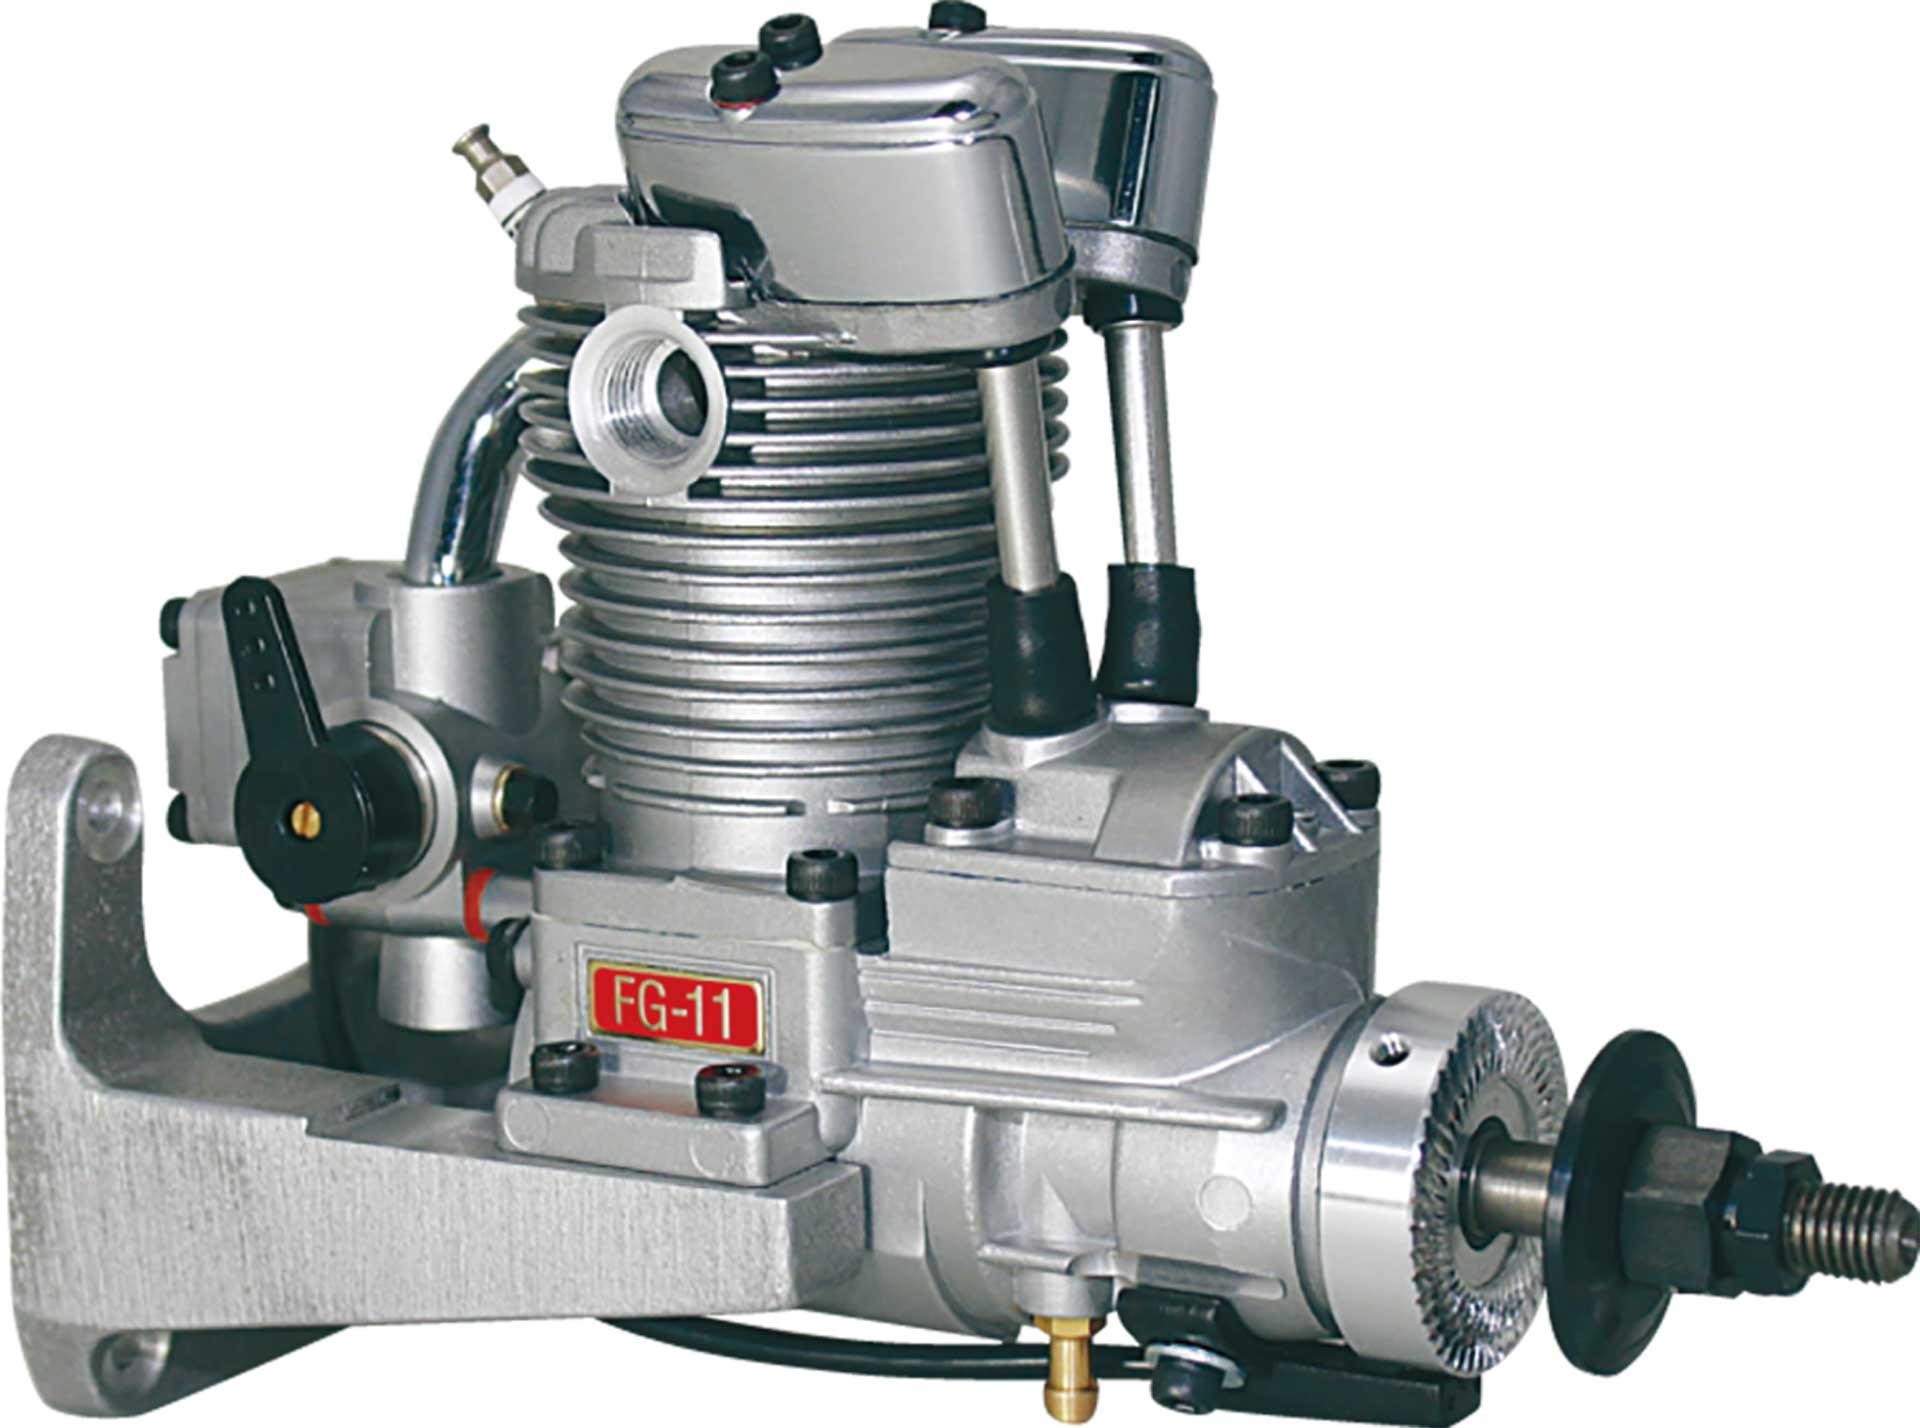 SAITO FG-11 BENZIN MOTOR